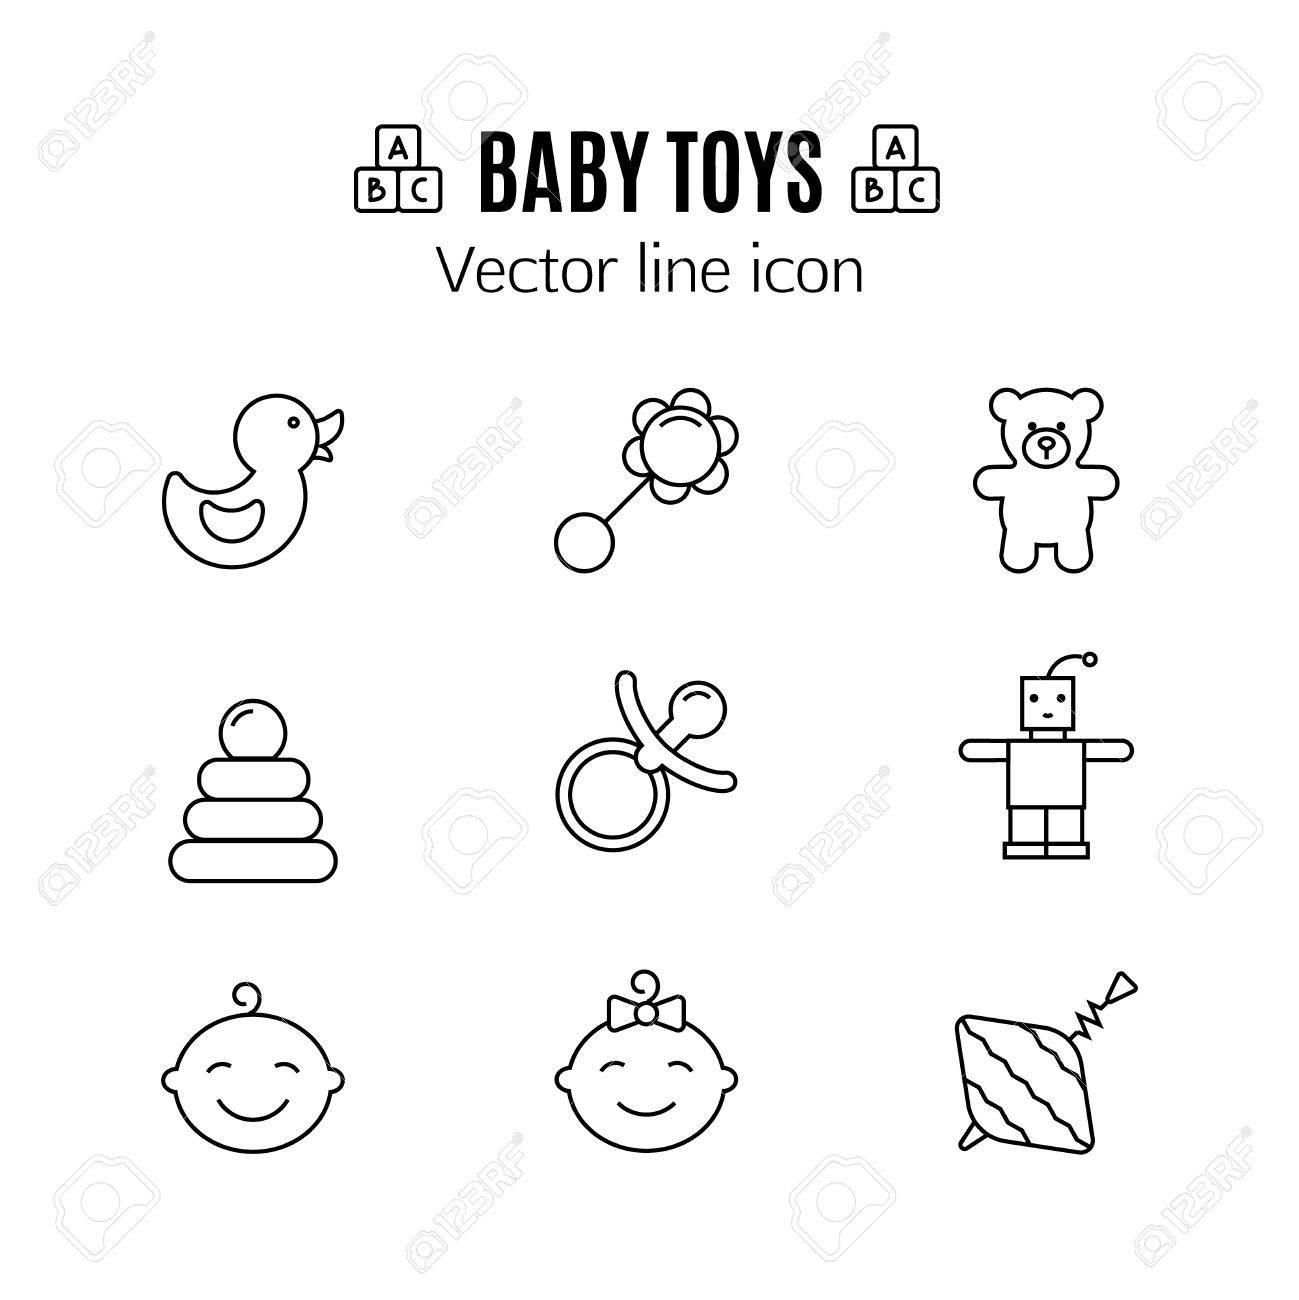 Dünne Linie Ikone Der Babyspielwaren. Umriss Symbol